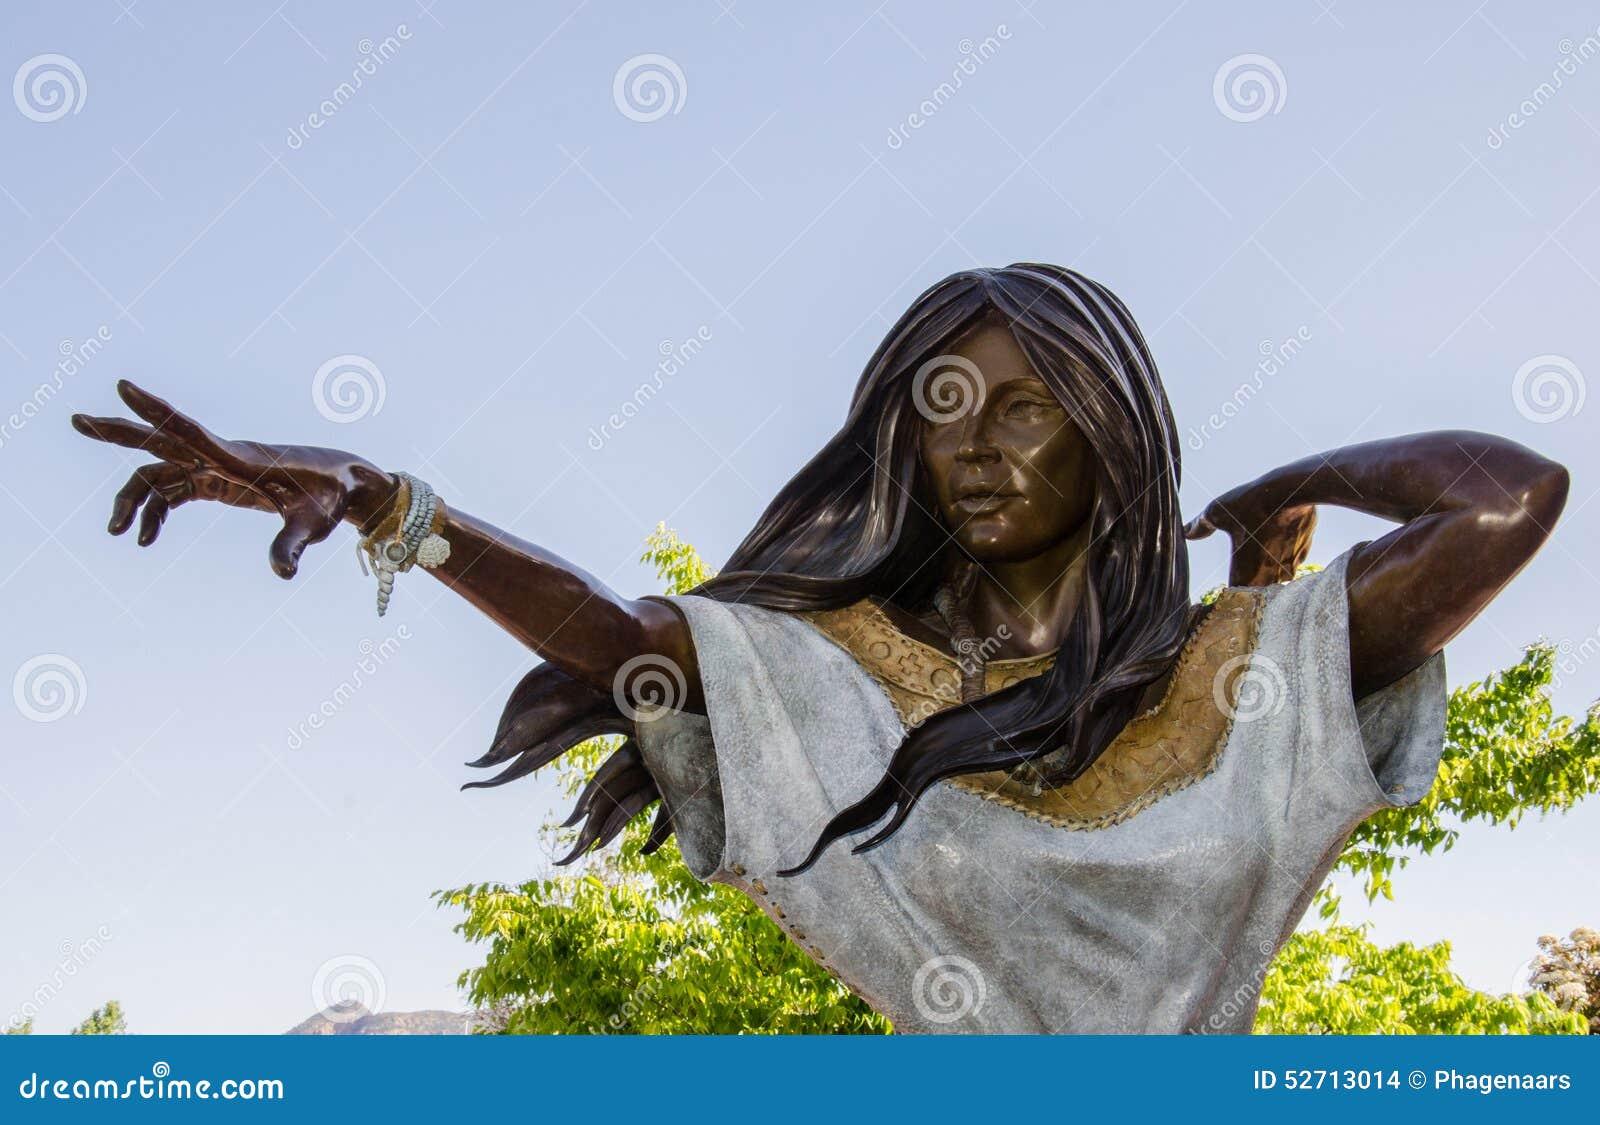 Statua di Sacajawea in Sedona, Arizona